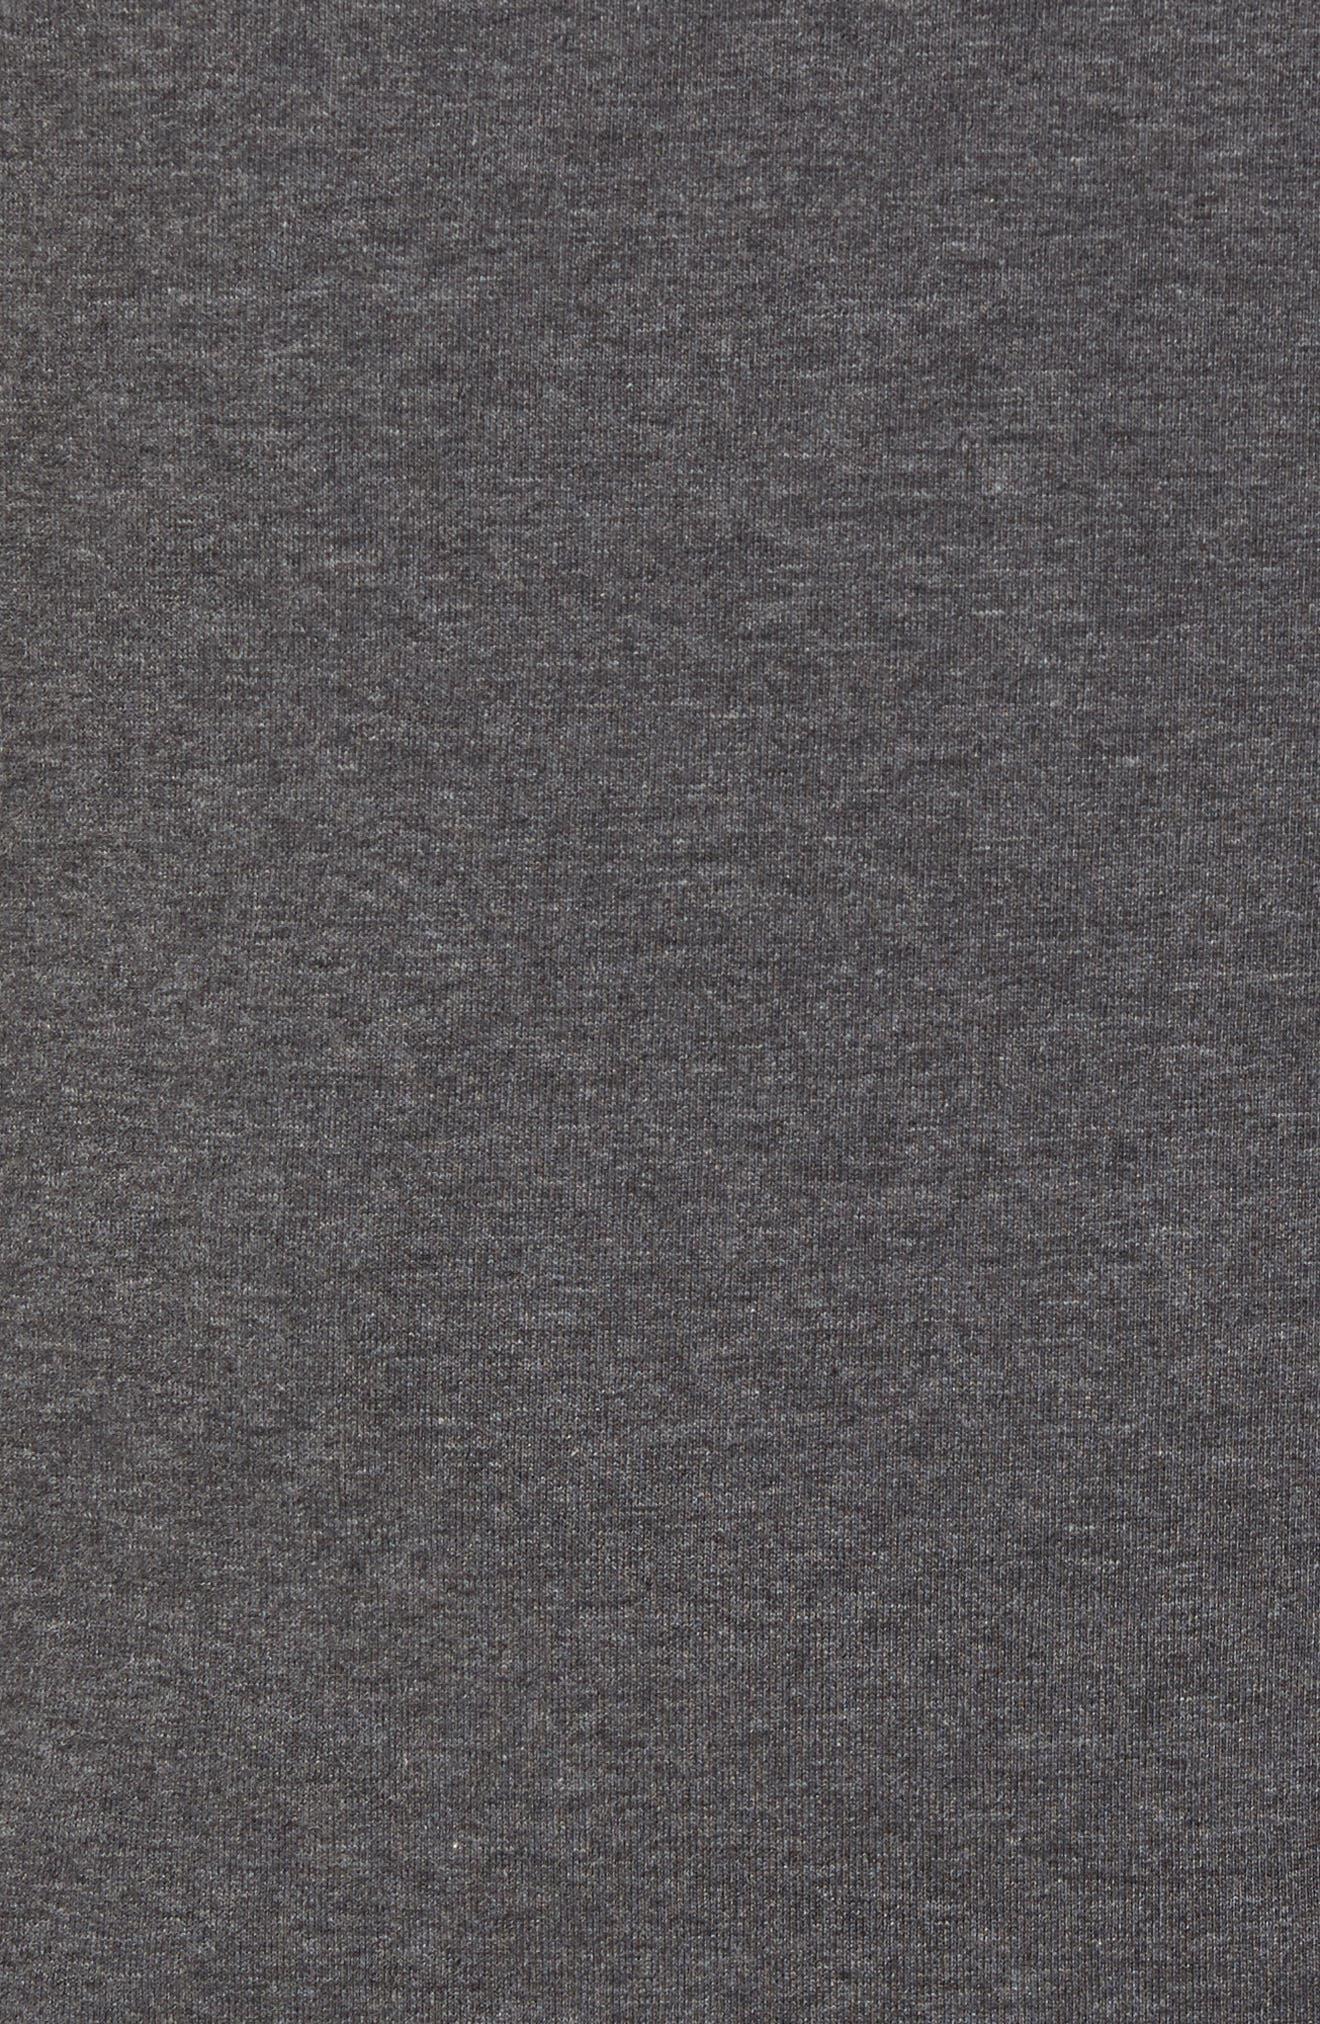 Ethos Cotton Blend Sweater,                             Alternate thumbnail 5, color,                             021